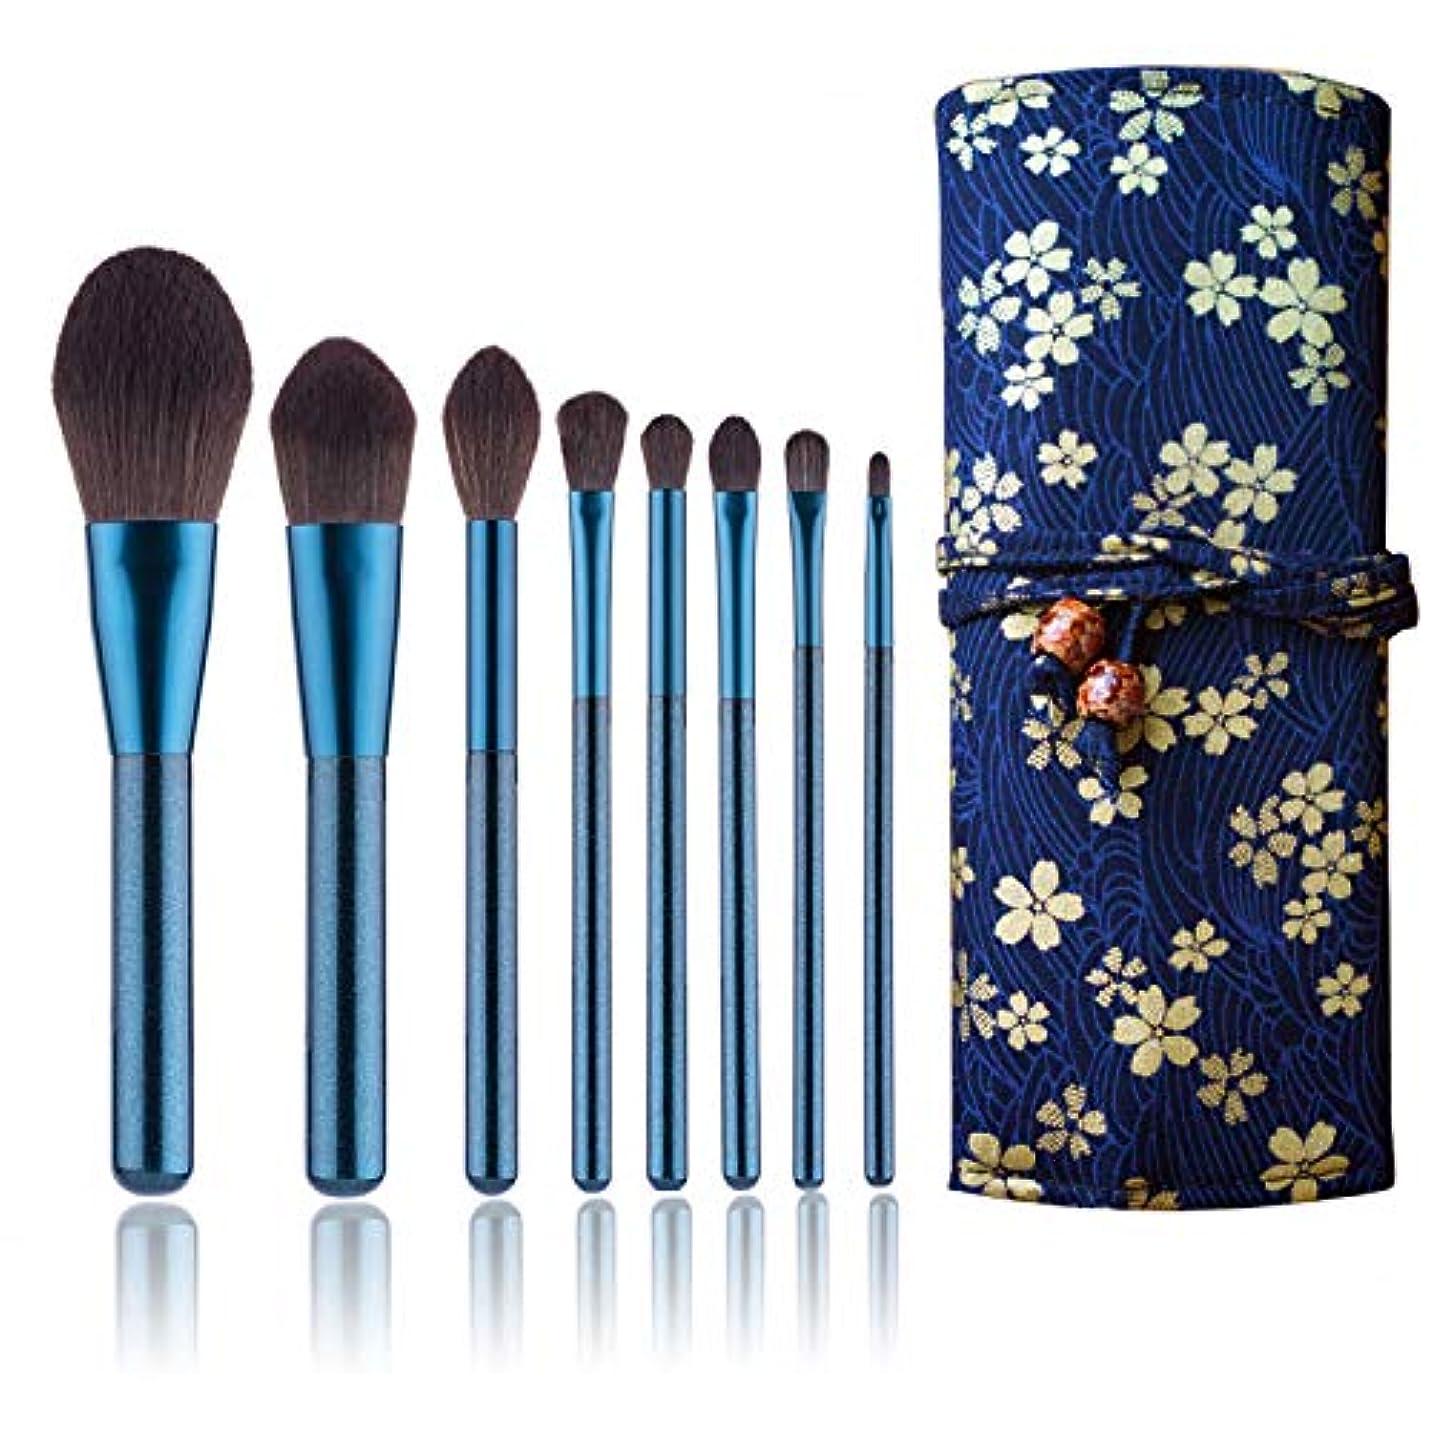 垂直ビリー愛するZOE·Y メイクブラシ 8本セット 化粧ブラシ 柔らかい 化粧筆 可愛い 化粧ポーチ付き 携帯便利 誕生日プレゼントゃギフトにもおすすめ makeup brushes